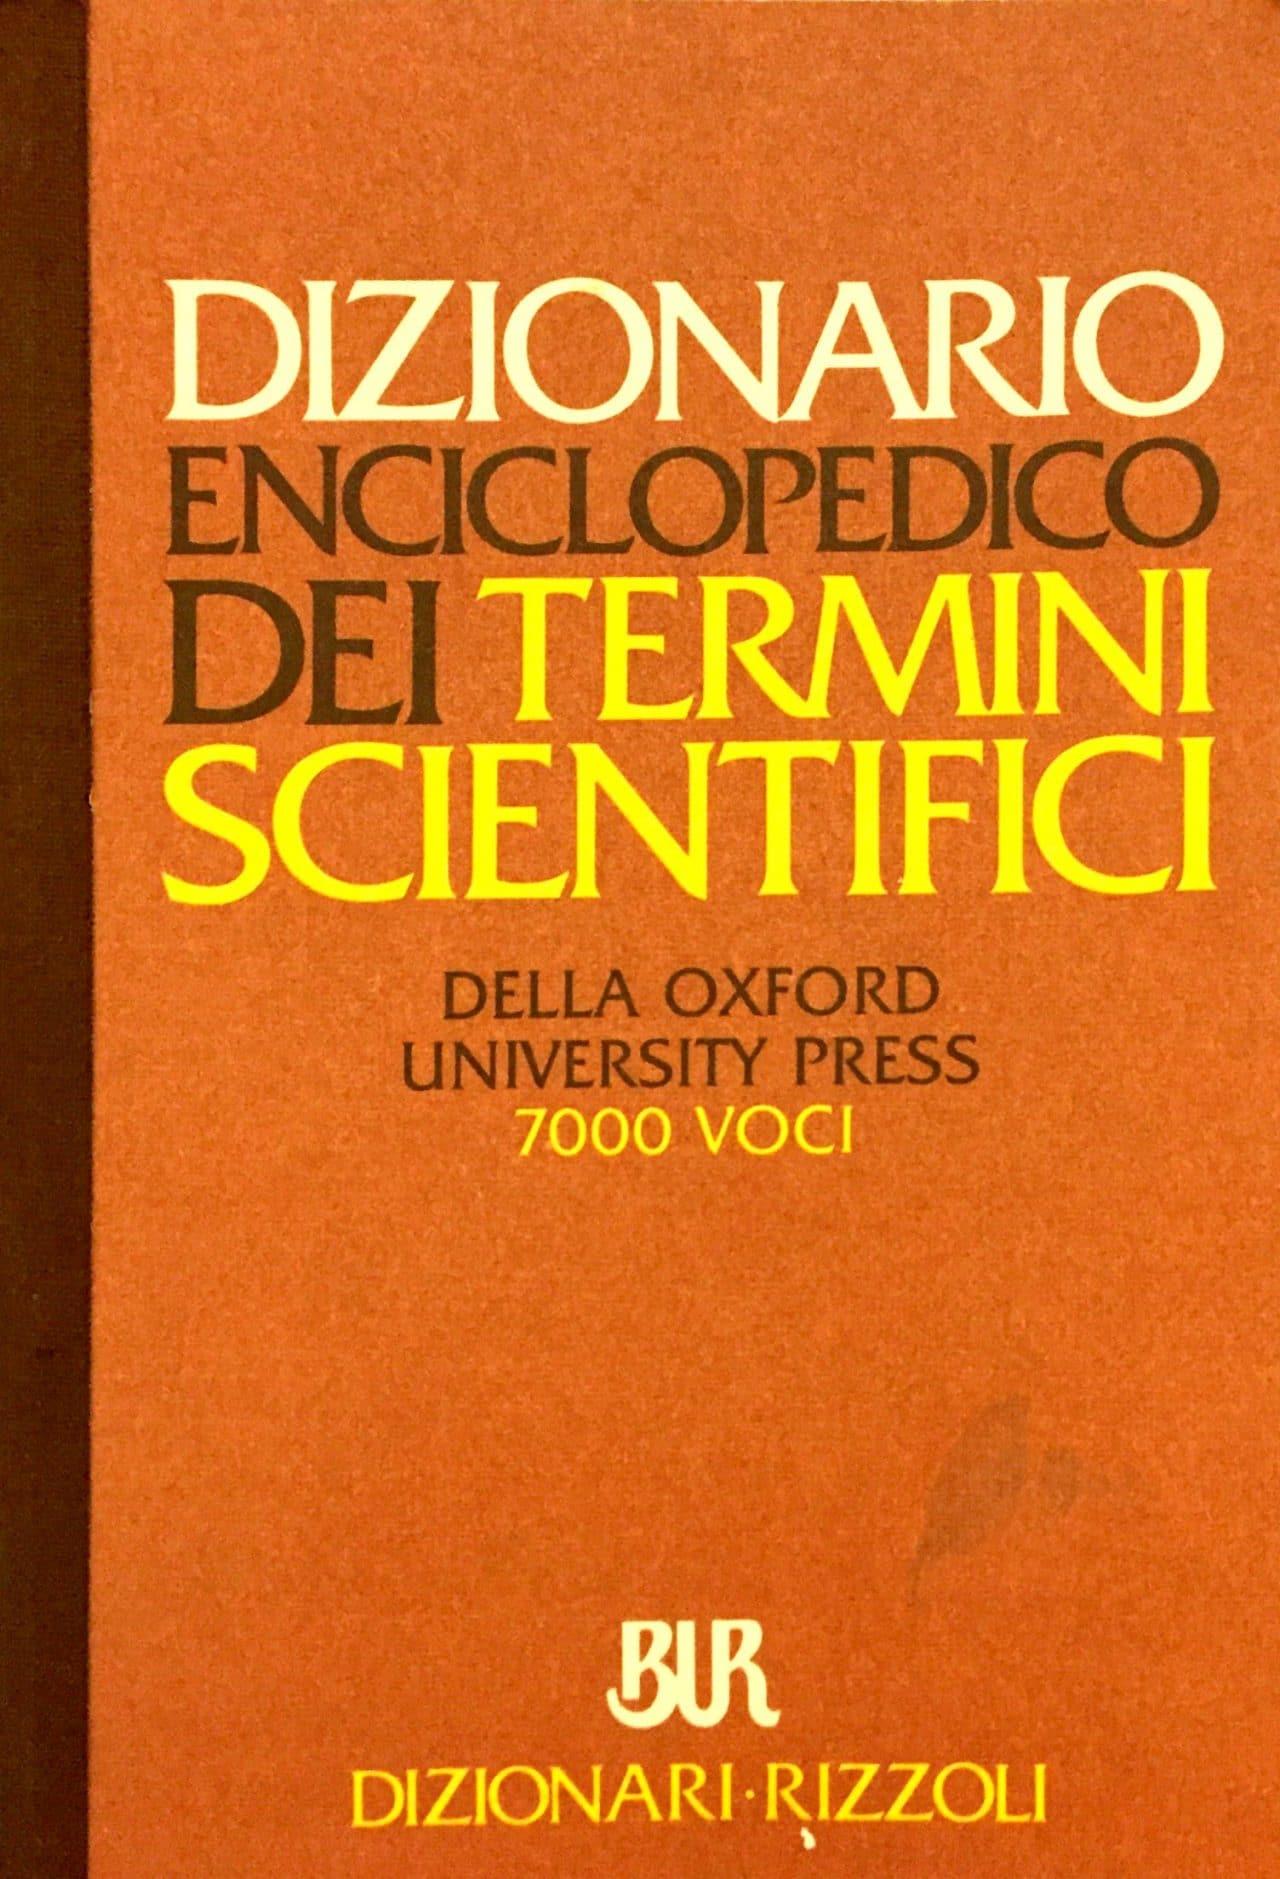 Dizionario Enciclopedico Dei Termini Scientifici